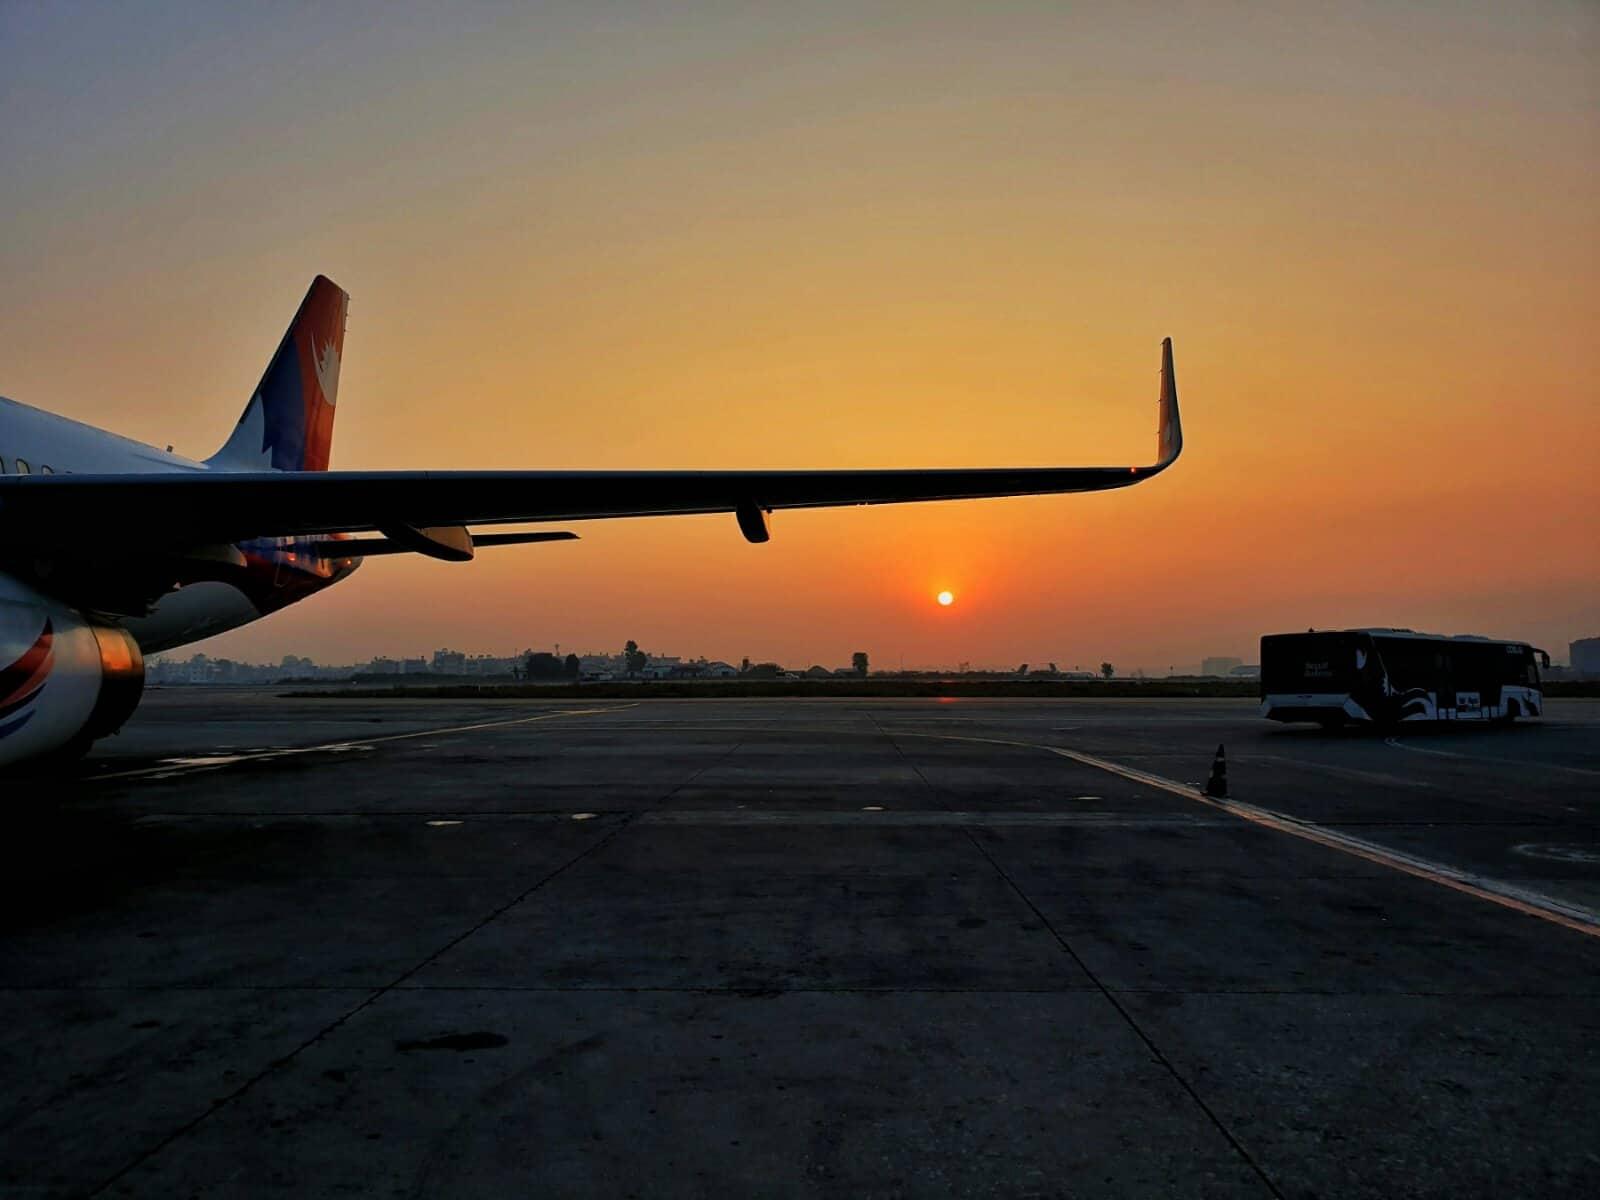 'नेपाल एयरलाइन्स' किन सधैँ पछाडि?